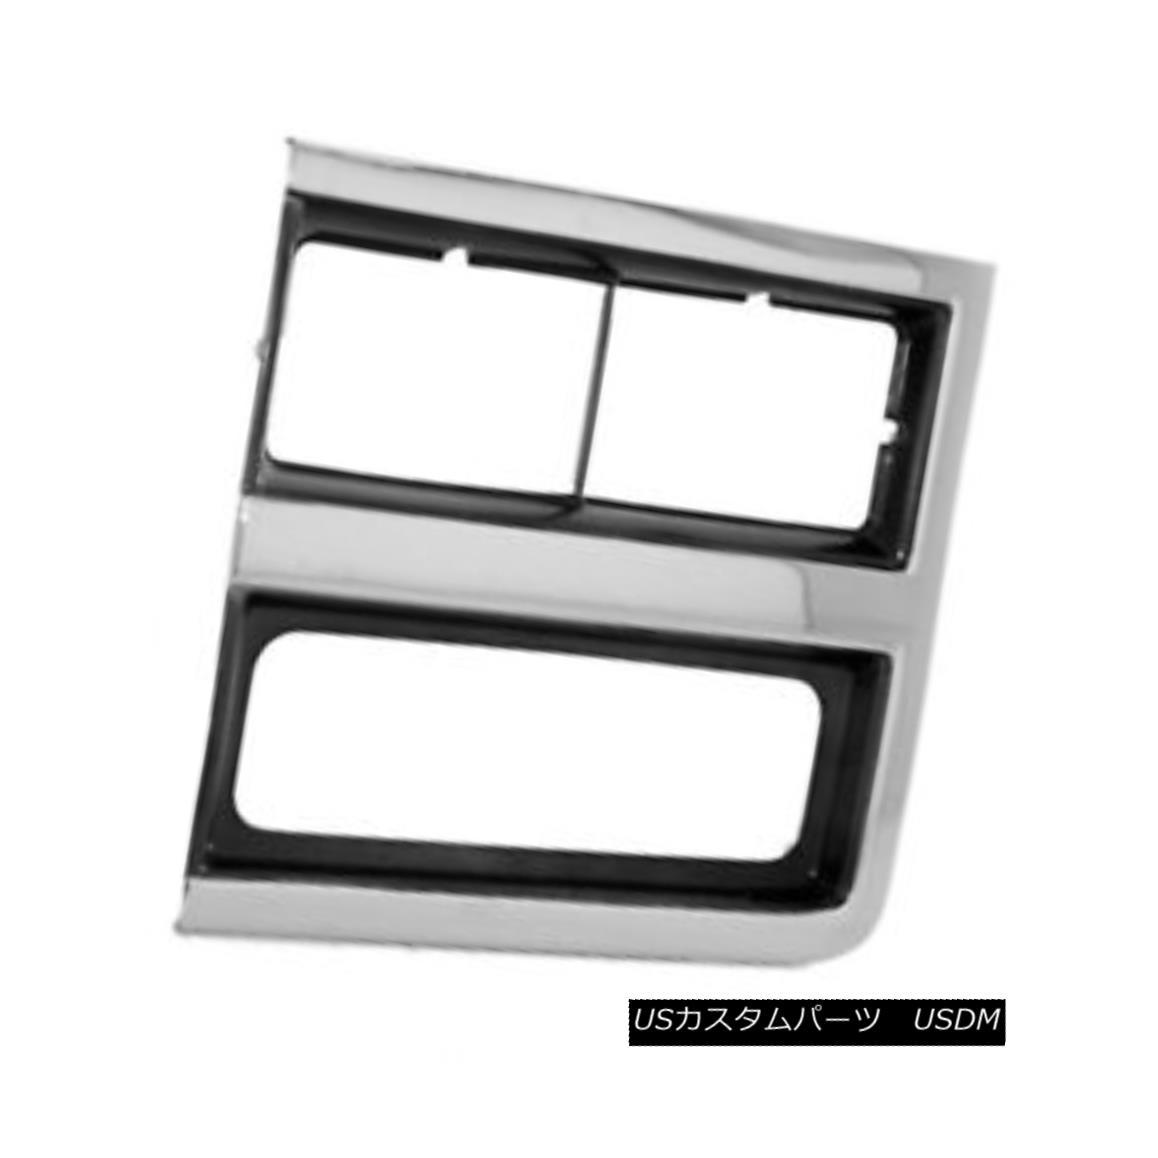 グリル New Replacement Headlight Door Driver Side for Dual Lamps Rectangular 630-00931L デュアルランプ直角630-00931L用の新しい交換ヘッドライトドアドライバ側